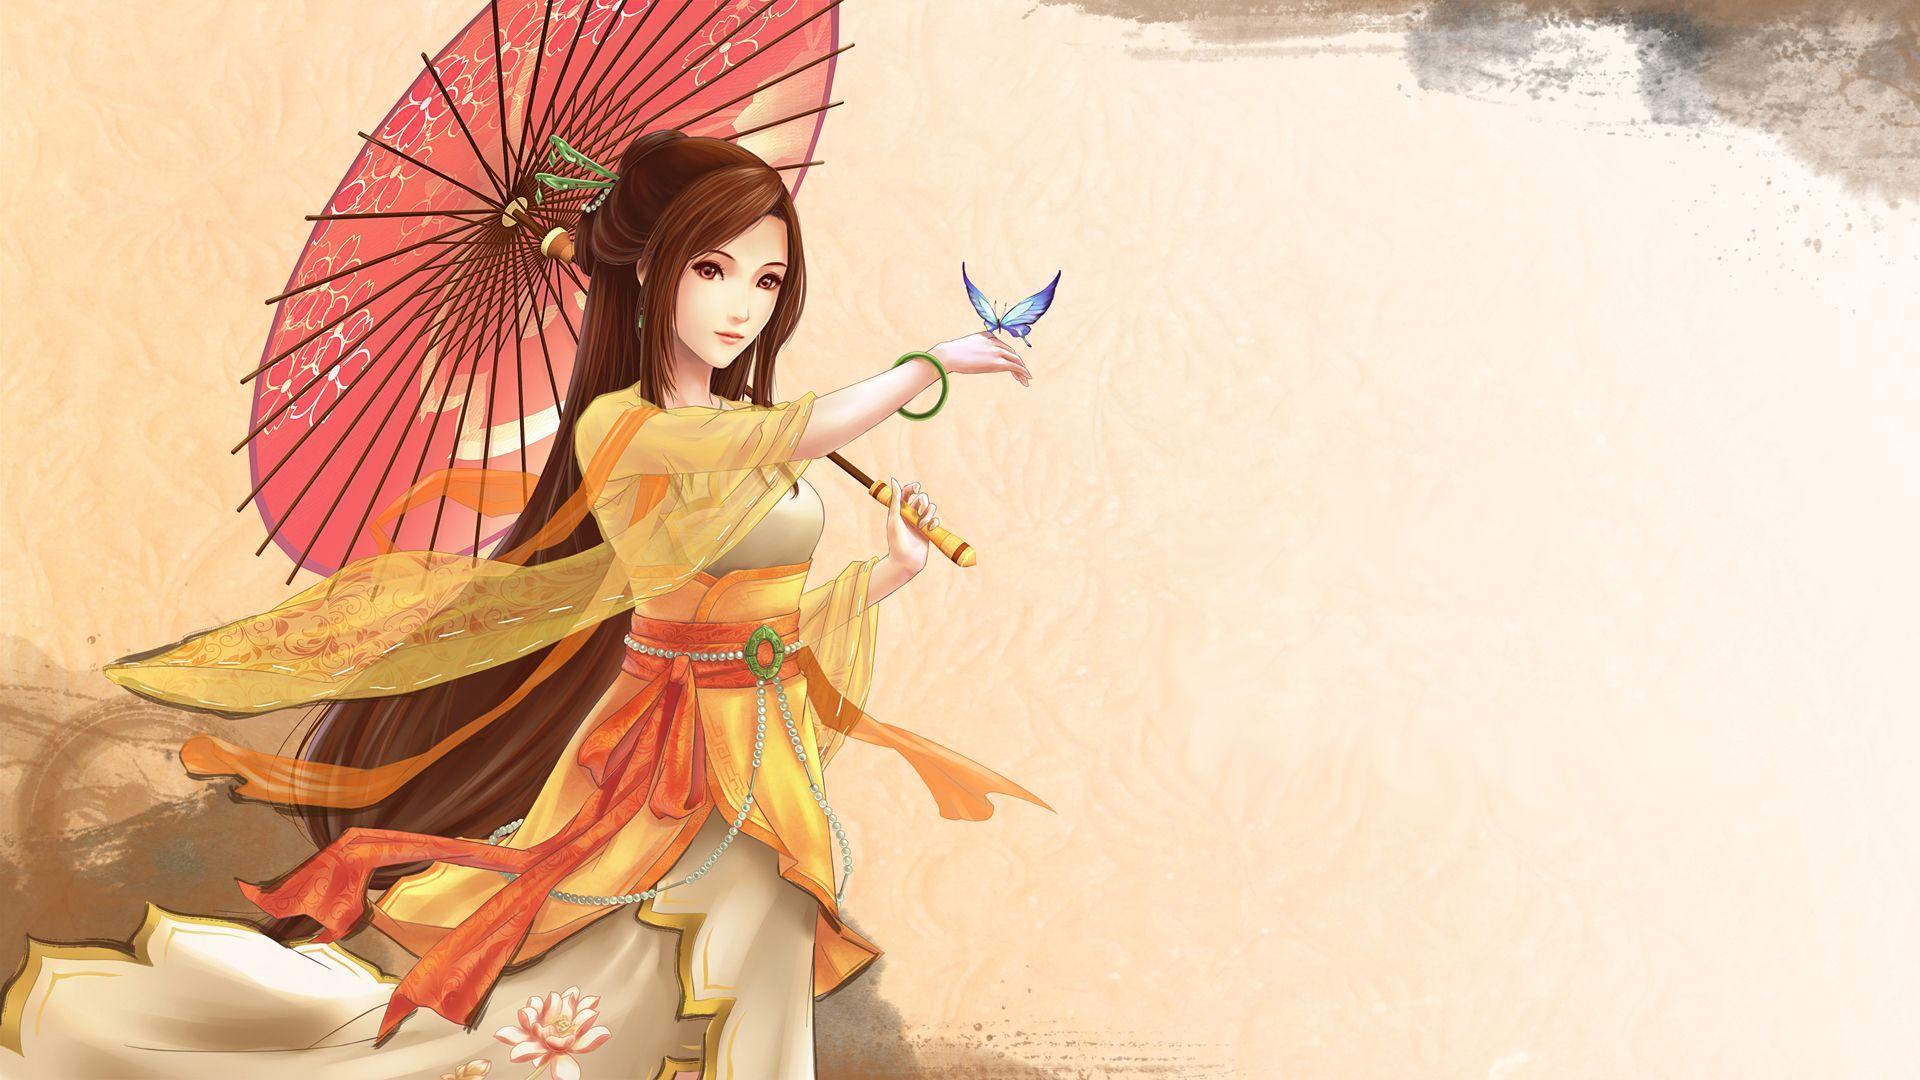 Japanese Women Art Hd Wallpaper Anime Butterfly Anime Fantasy Girl